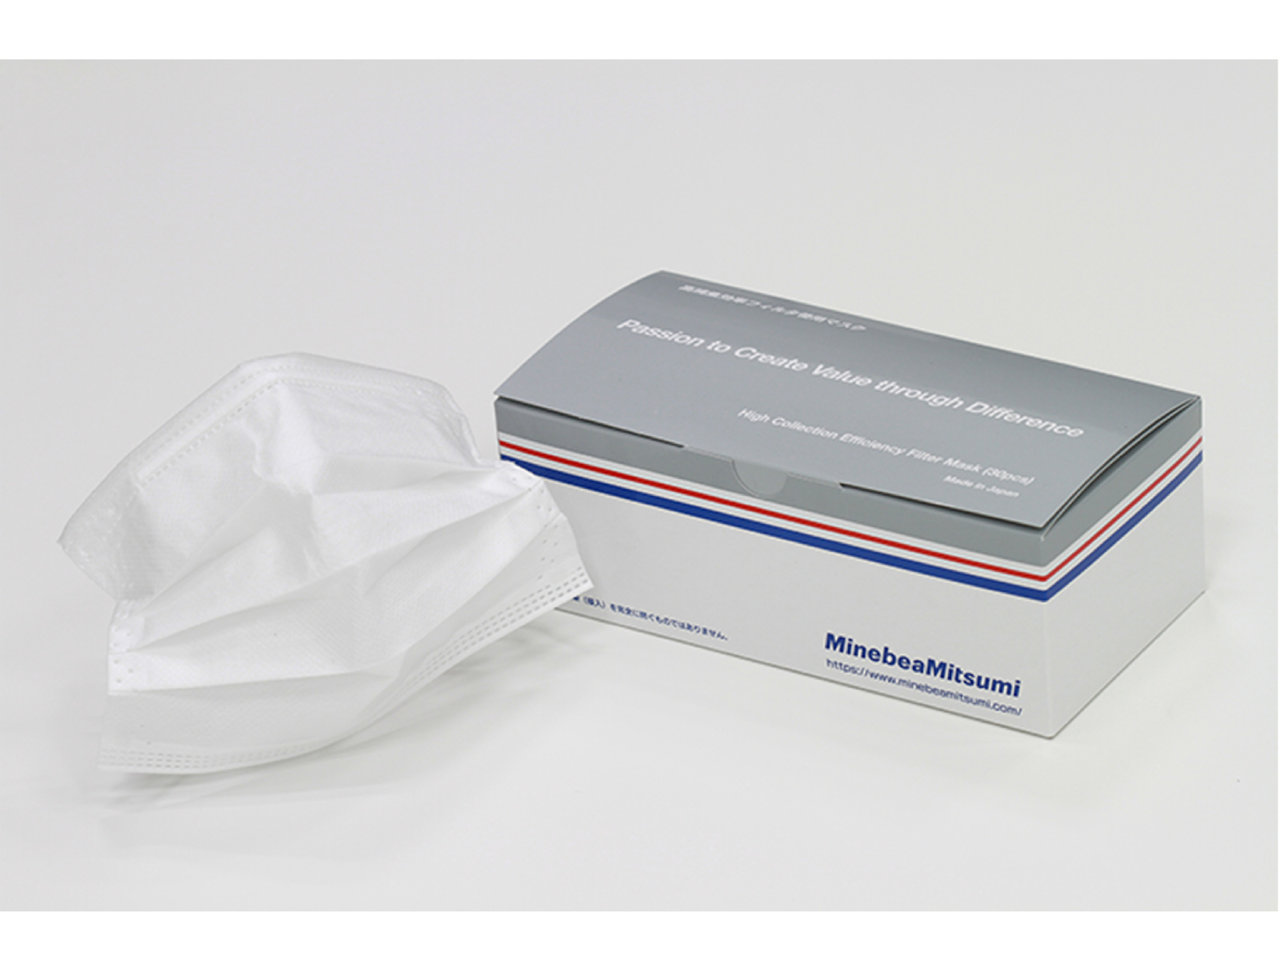 ミネベアミツミ日本製不織布マスク、新価格・ラインナップ拡充でお求めやすくなりました。